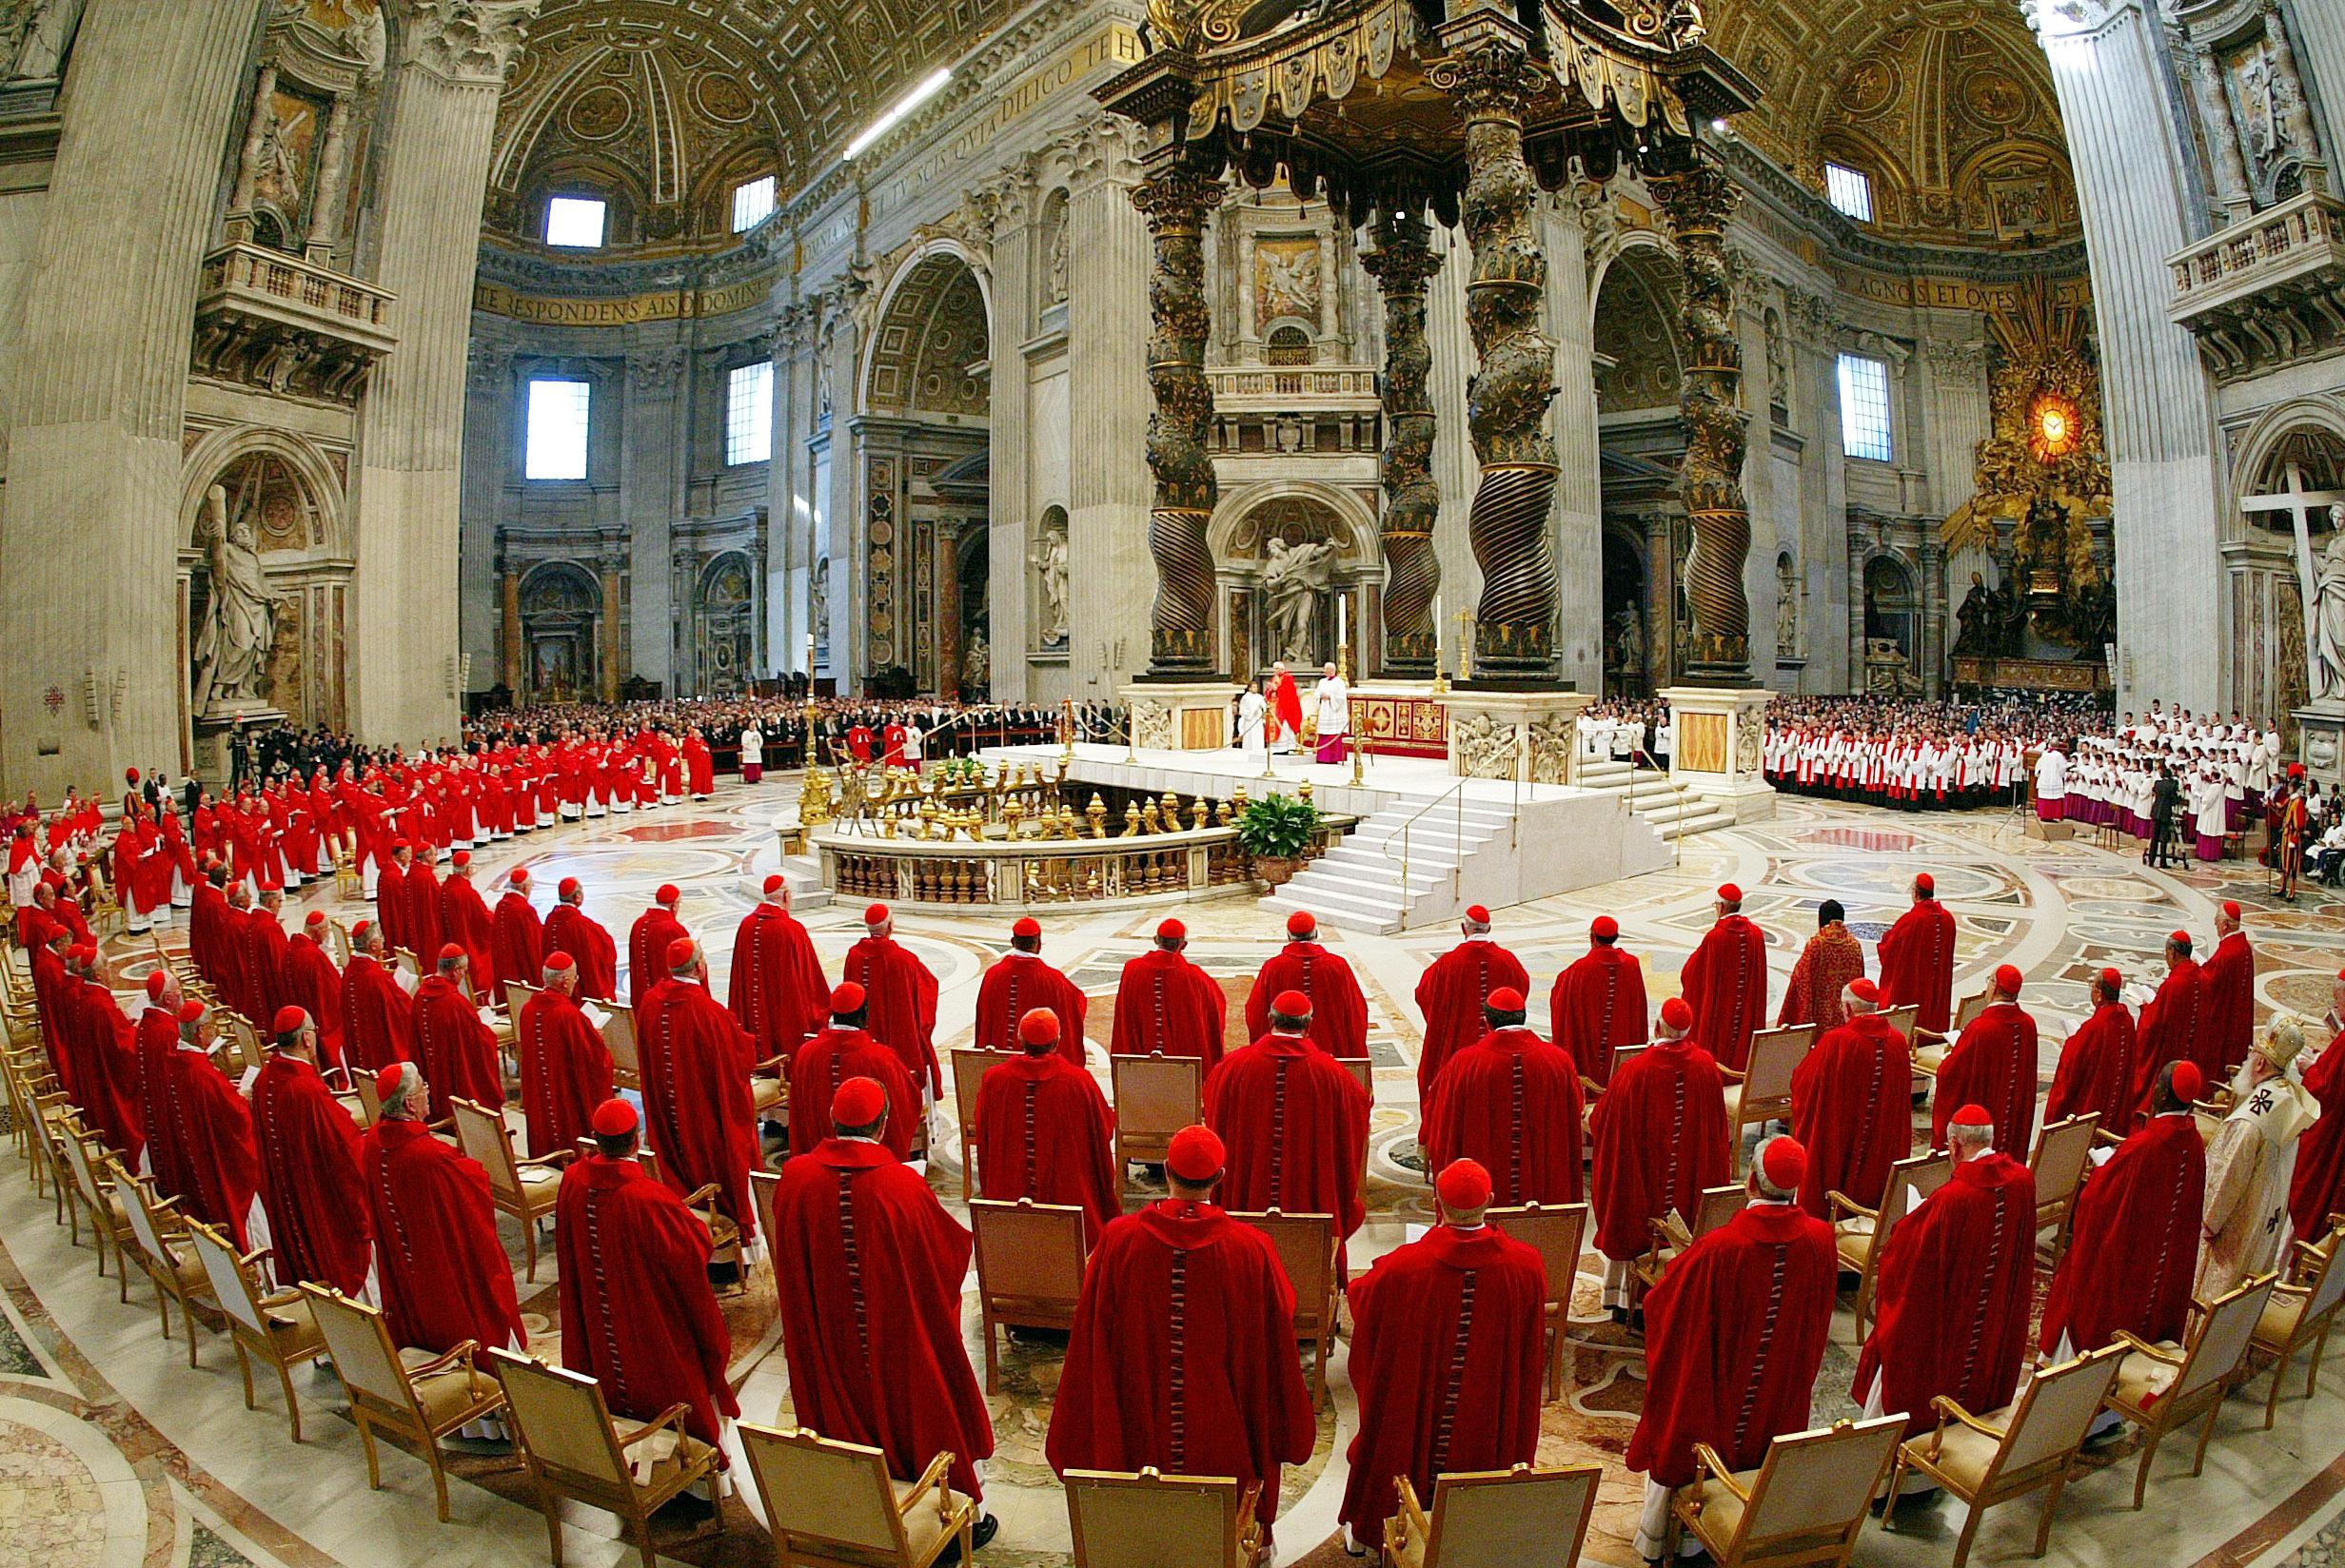 I cardinali vestiti con i paramenti rossi, in piedi davanti l'altare principale della Basilica di San Pietro per partecipare alla messa solenne ''pro eligendo pontifice'', che apre i riti del conclave per l'elezione del successore di Giovanni Paolo II il 18 aprile 2005.   ANSA